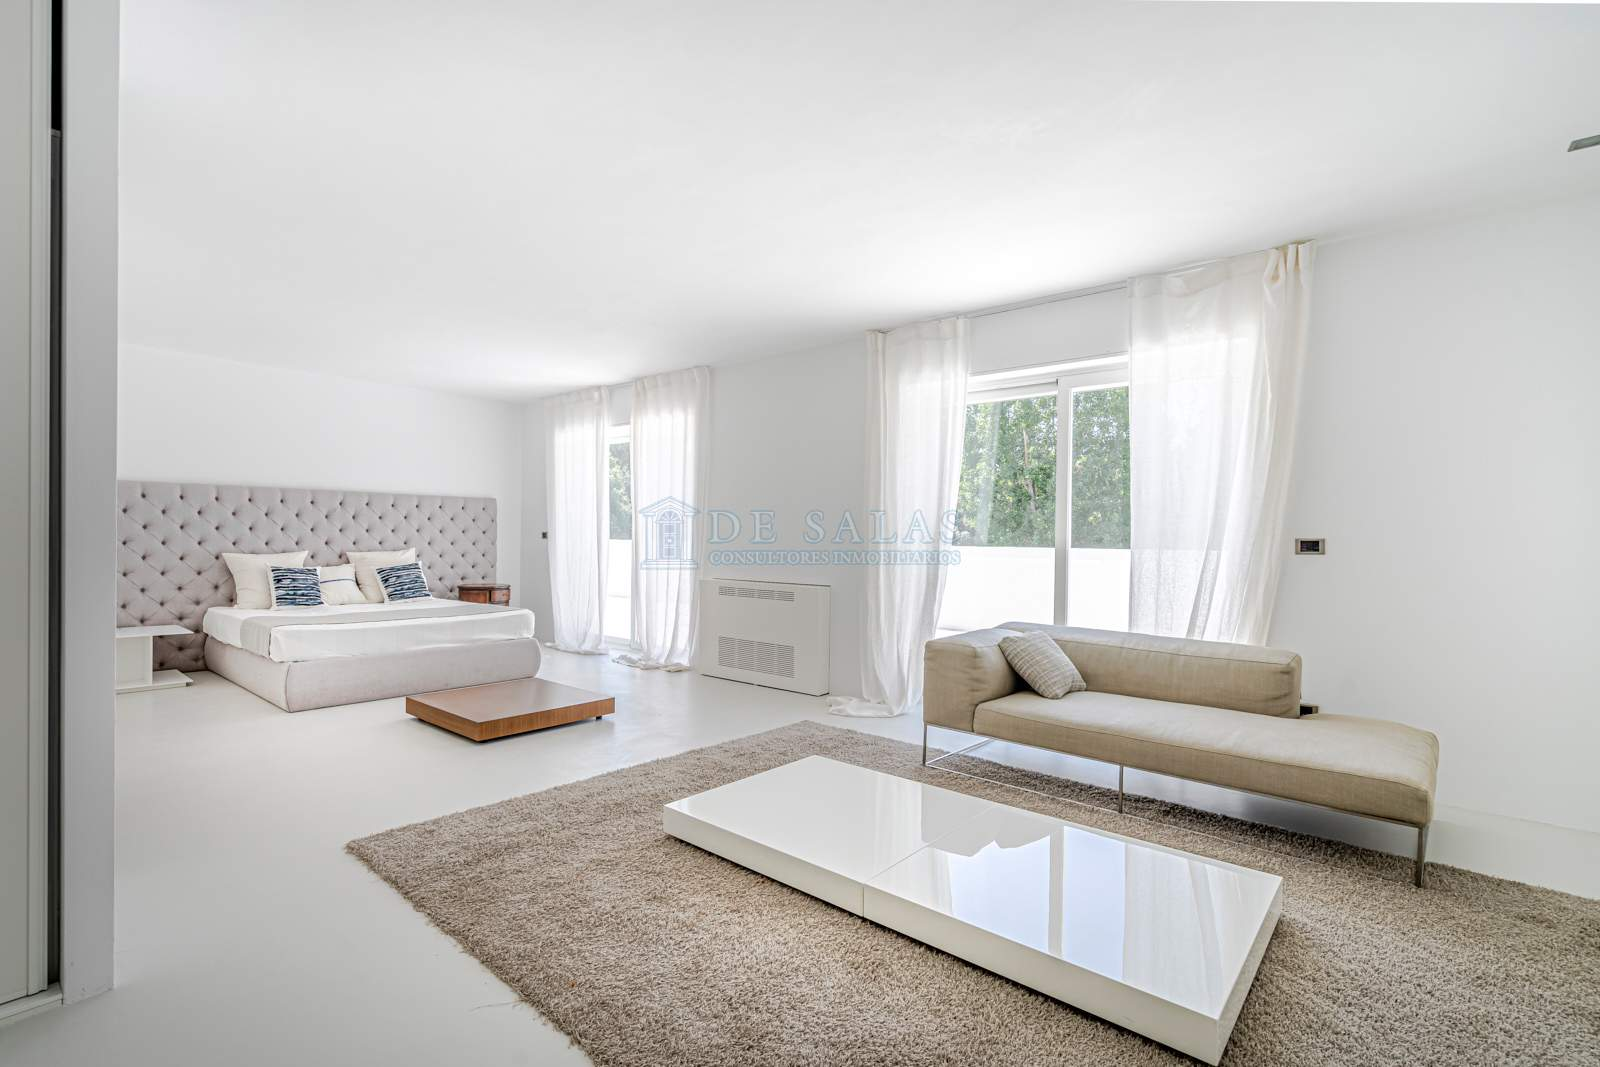 Dormitorio-0024 House La Moraleja